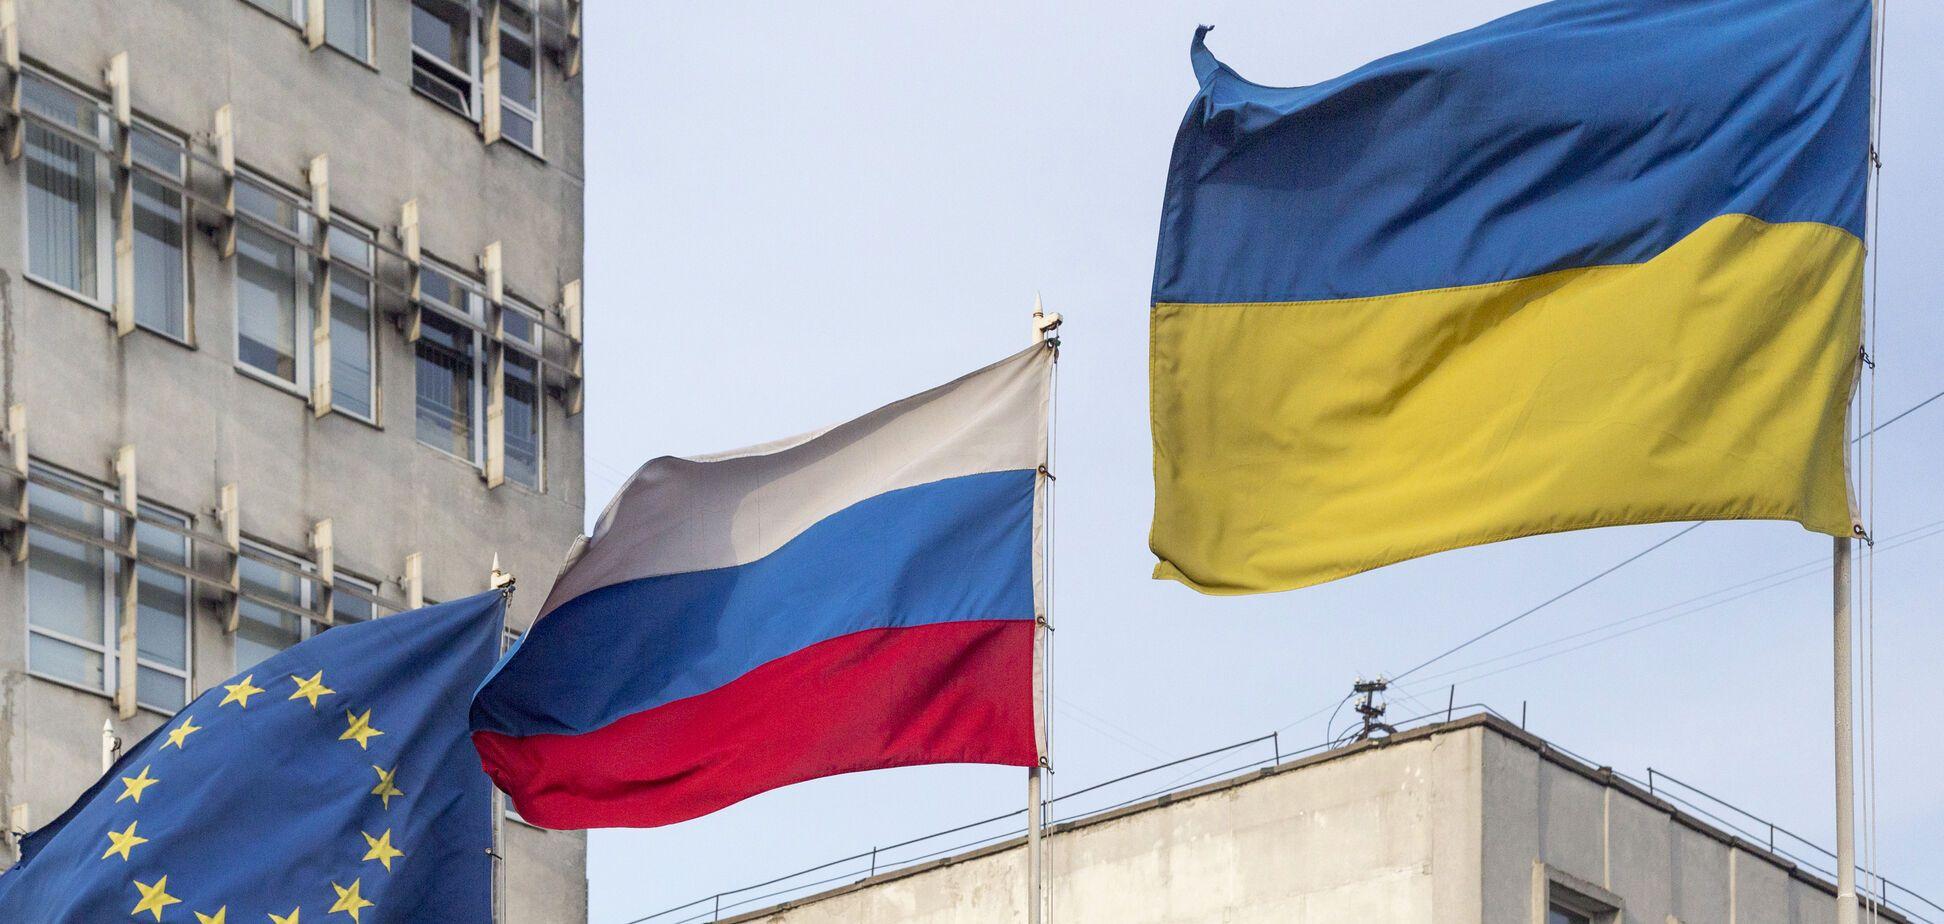 Україна вперше програла Росії спір у СОТ - ЗМІ